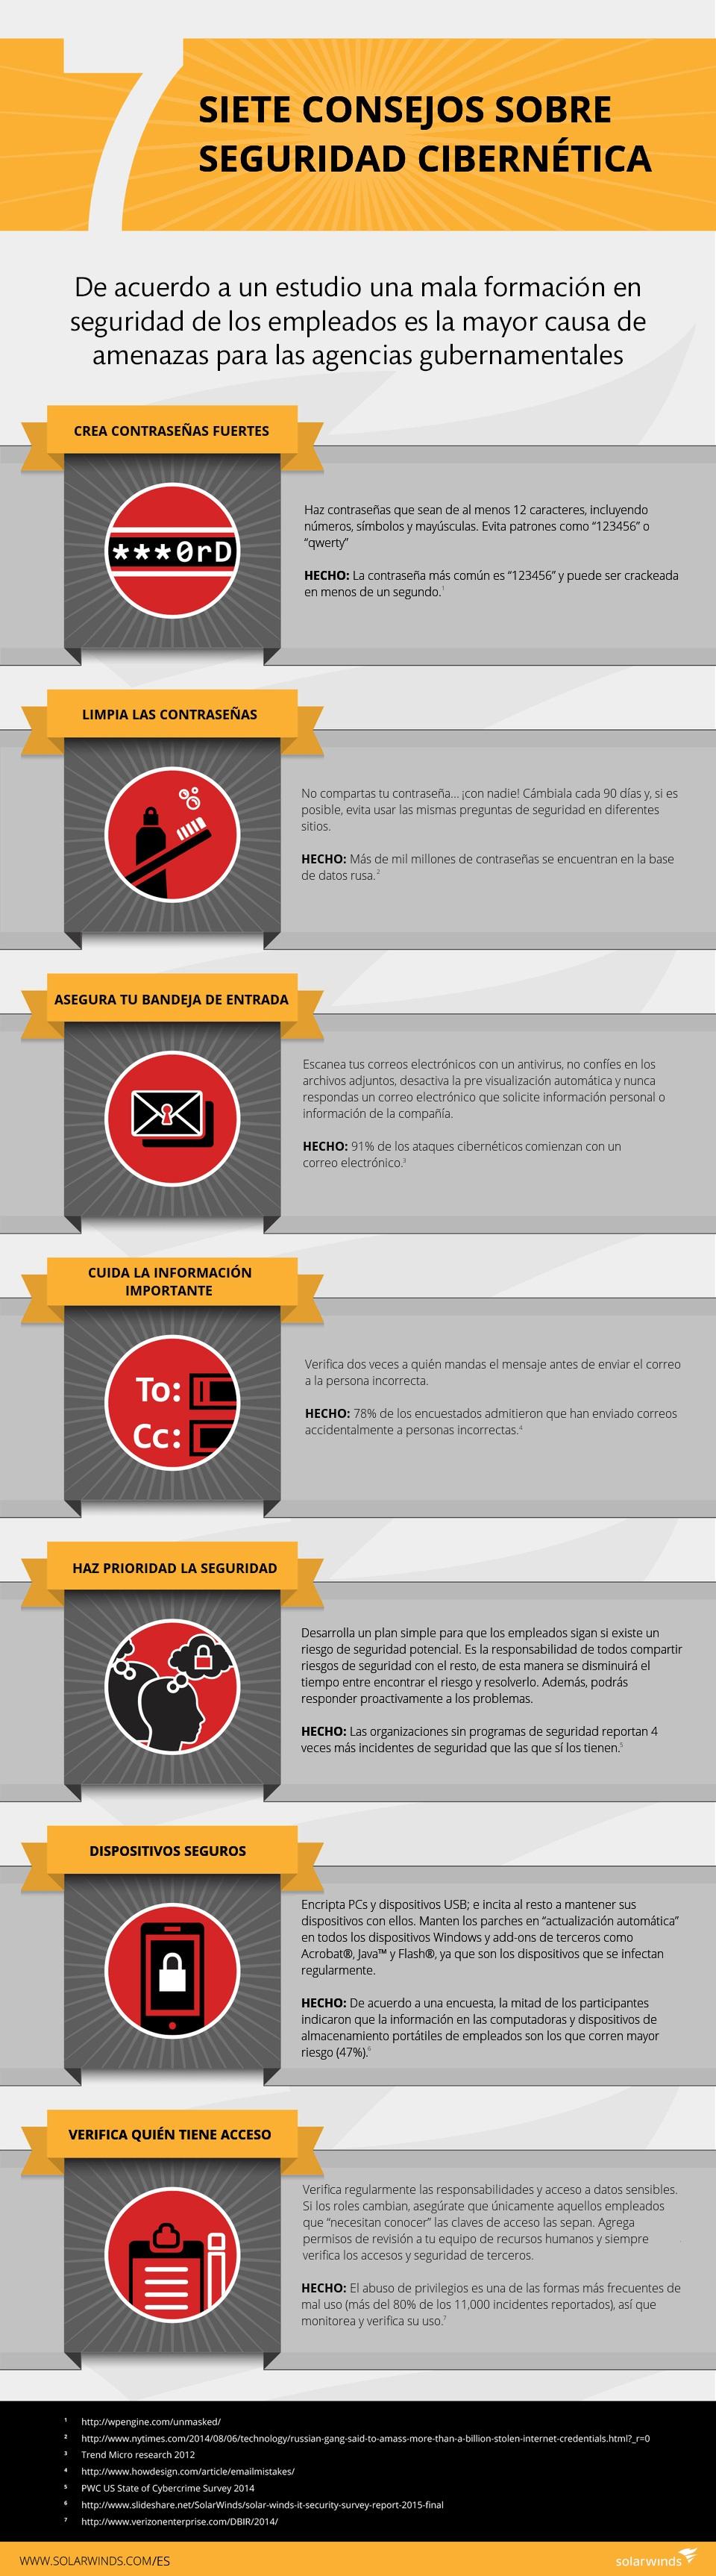 consejos-ciberseguridad